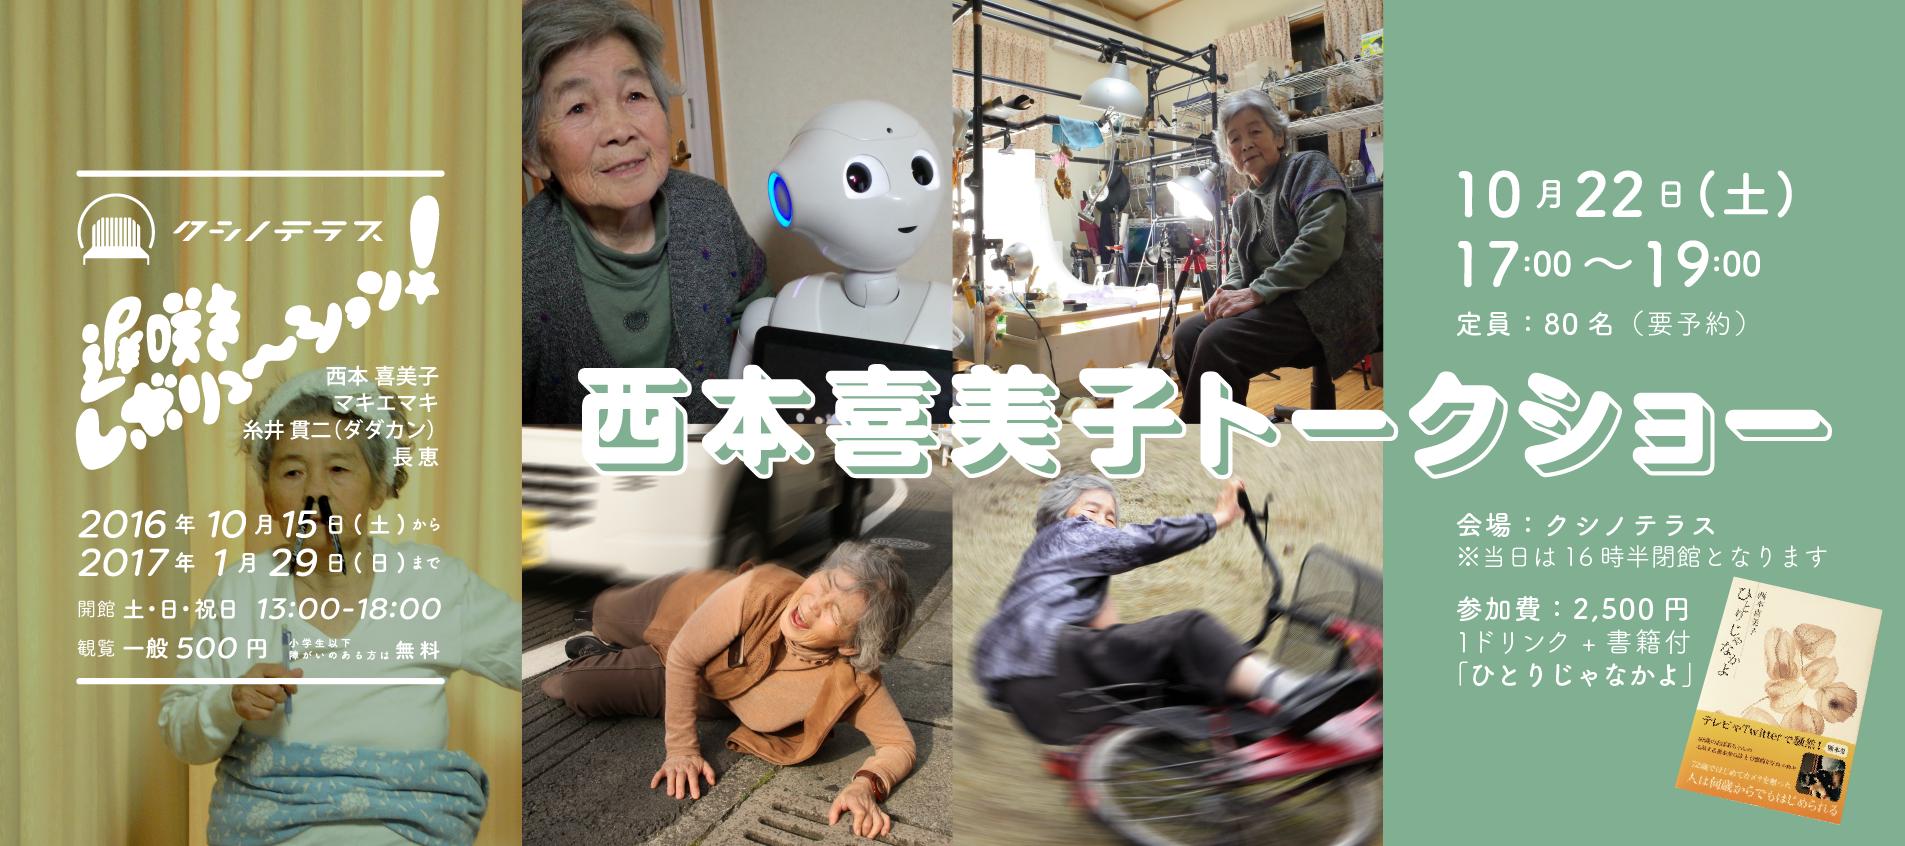 自撮りおばあちゃん・西本喜美子トークショー